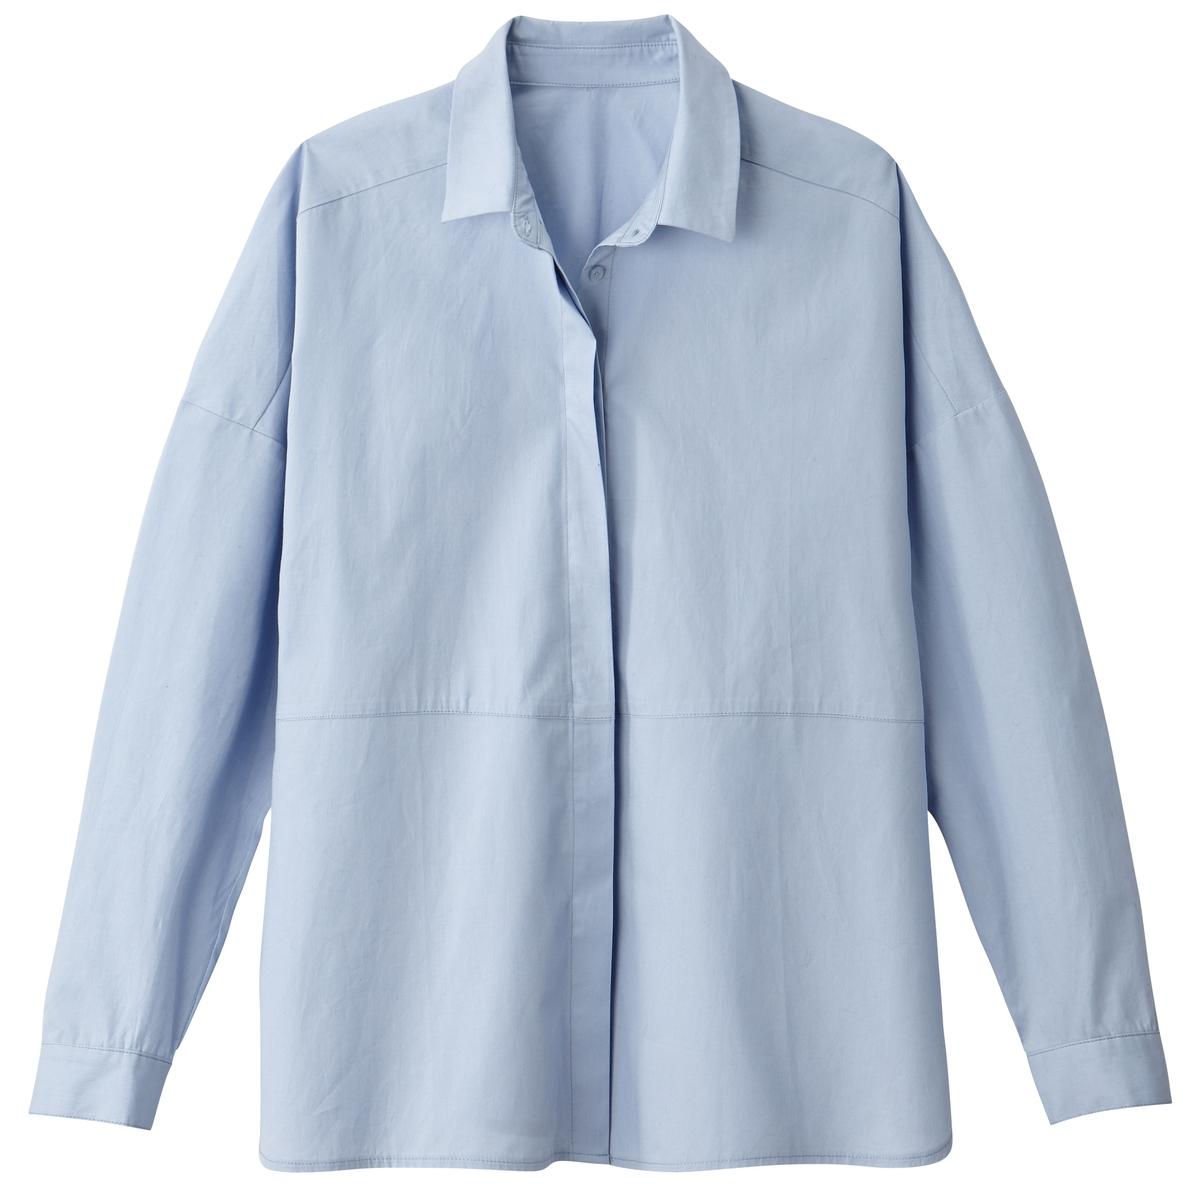 Рубашка из поплинаОписание •  Длинные рукава  •  Прямой покрой  •  Воротник-поло, рубашечный  •  Уголки воротника на пуговицах Состав и уход •  100% хлопок  •  Машинная стирка при 30 °С   •  Сухая чистка и отбеливание запрещены    •  Не использовать барабанную сушку   •  Низкая температура глажки<br><br>Цвет: белый,небесно-голубой<br>Размер: 50 (FR) - 56 (RUS)